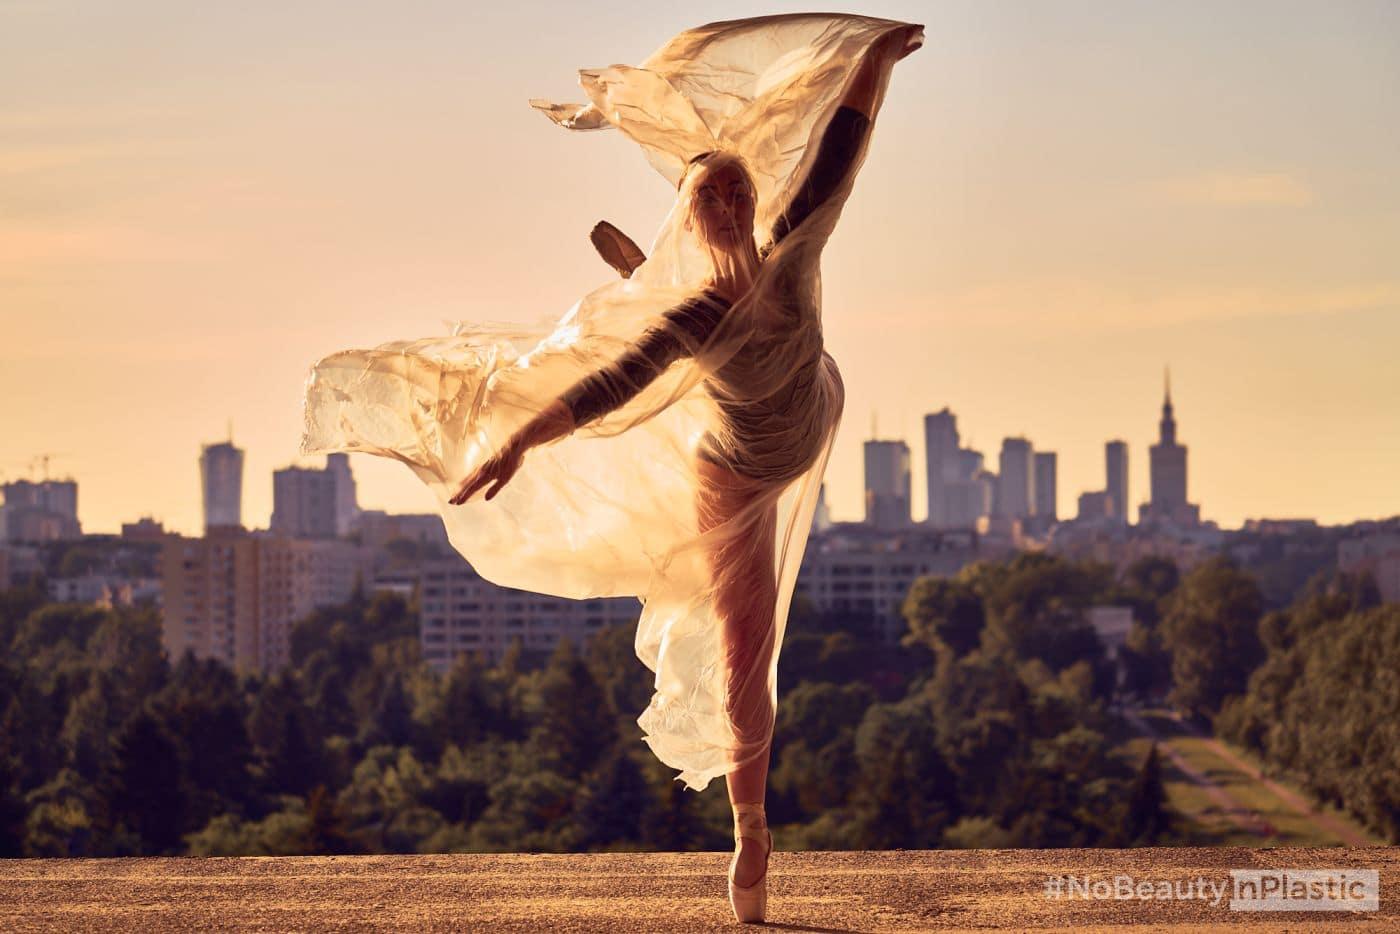 baletnica zfolią zamiast stroju baletnica ubrana wworek zfolii